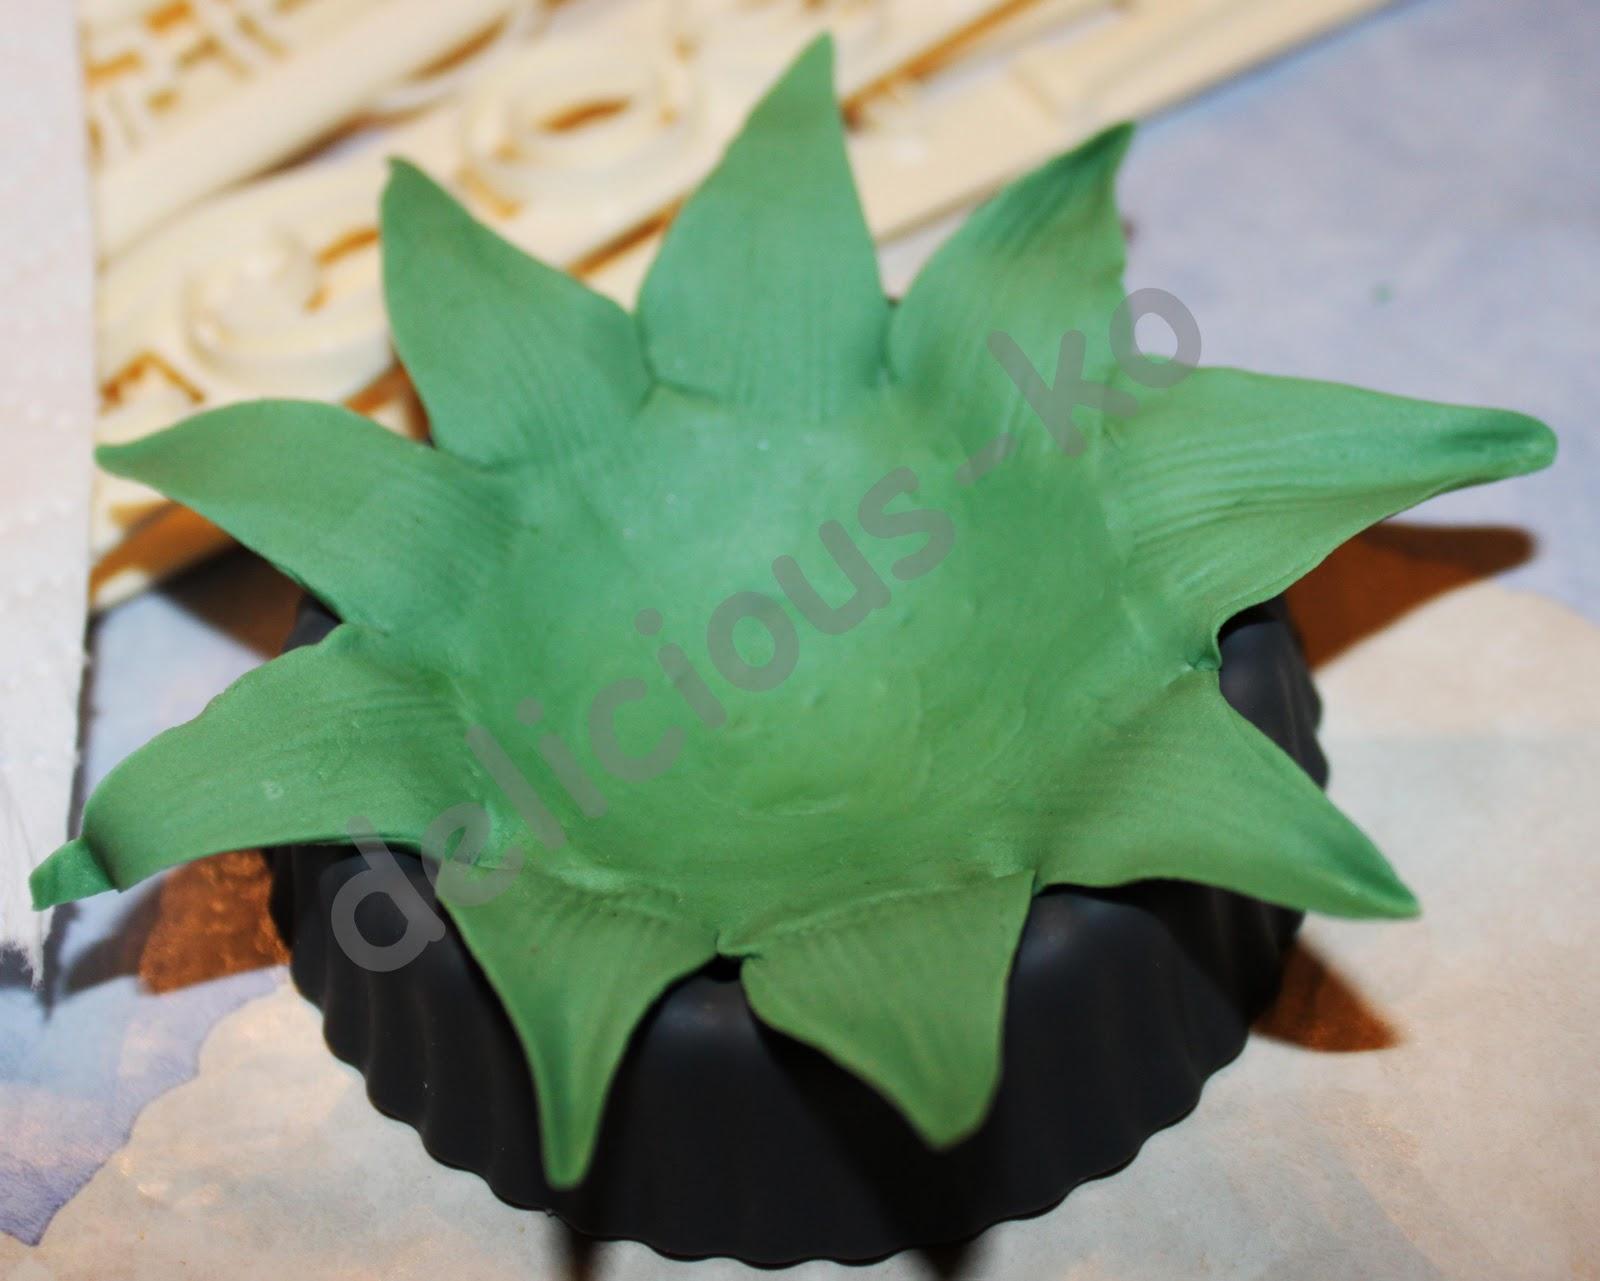 Grune Farbe Herstellen : Grüne Blütenpaste etwas dicker ausrollen und wie im Bild zu sehen